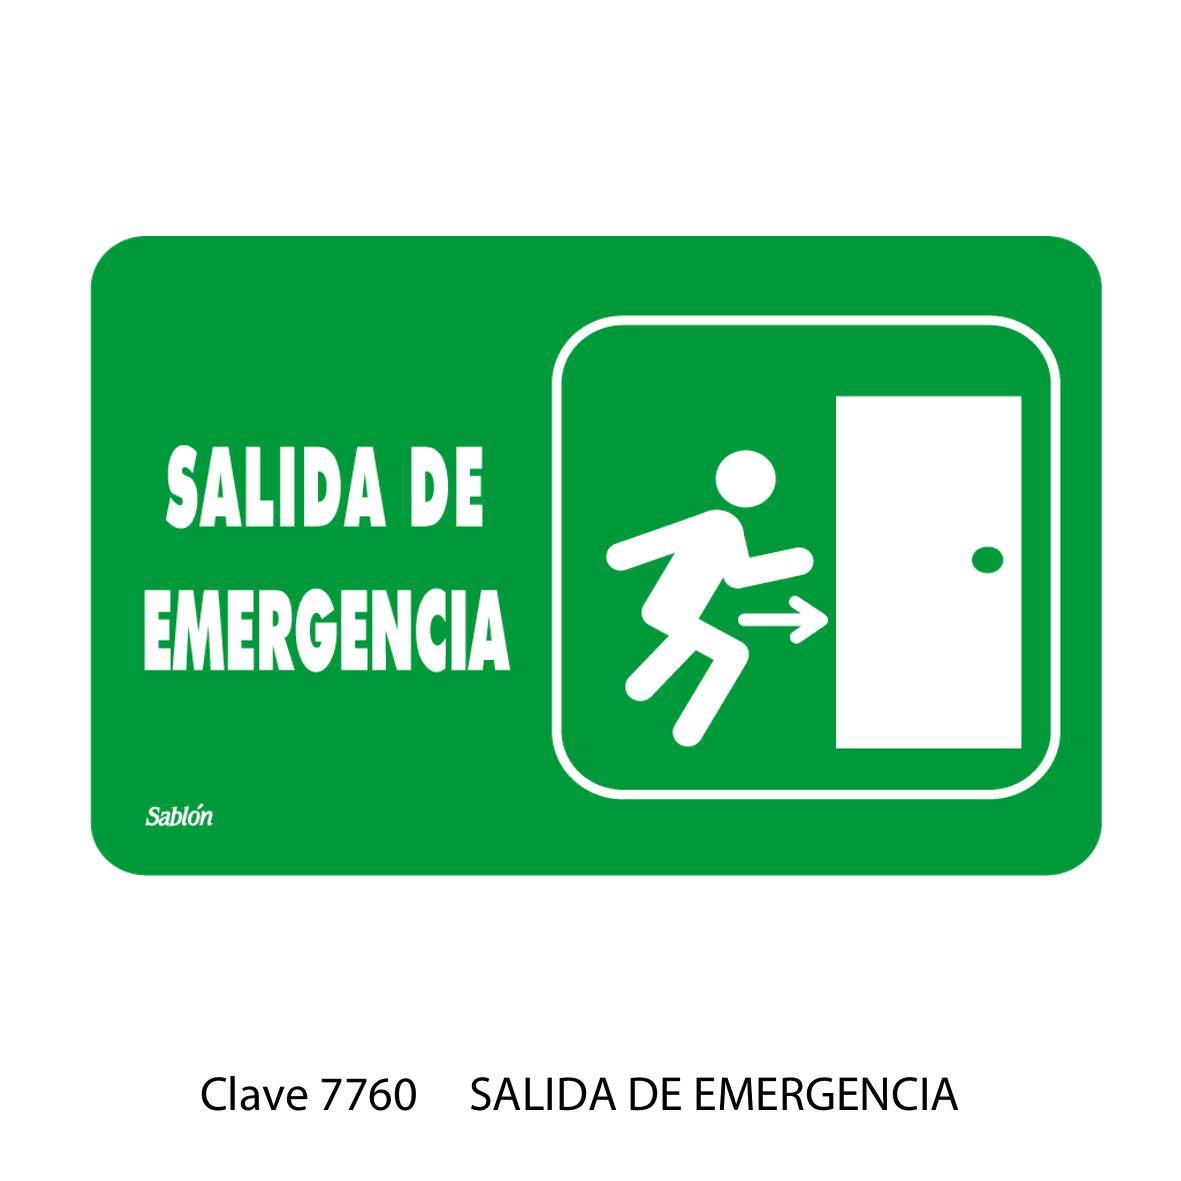 Señal Salida de Emergencia Modelo 7760 - Sablón